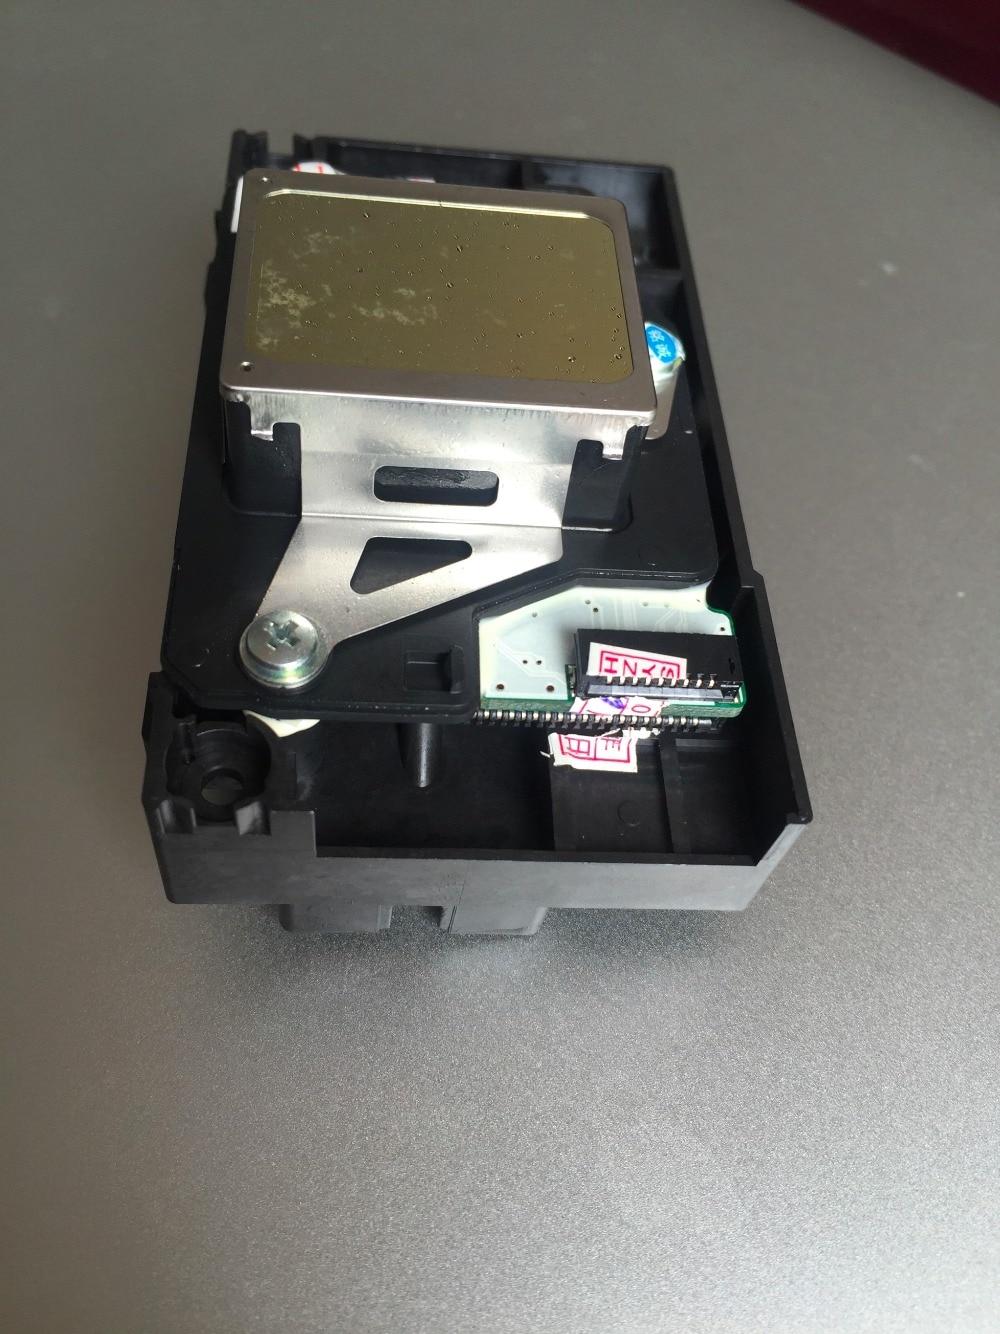 Printhead F173050 Print Head For Epson Photo 1390 1400 1410 1430 R260 R265 R270 R330 R360 R380 R390 R1390 A820 A920 module 1604 164 16 4 character lcd module lcm display blue backlight white character 5v logic circuit